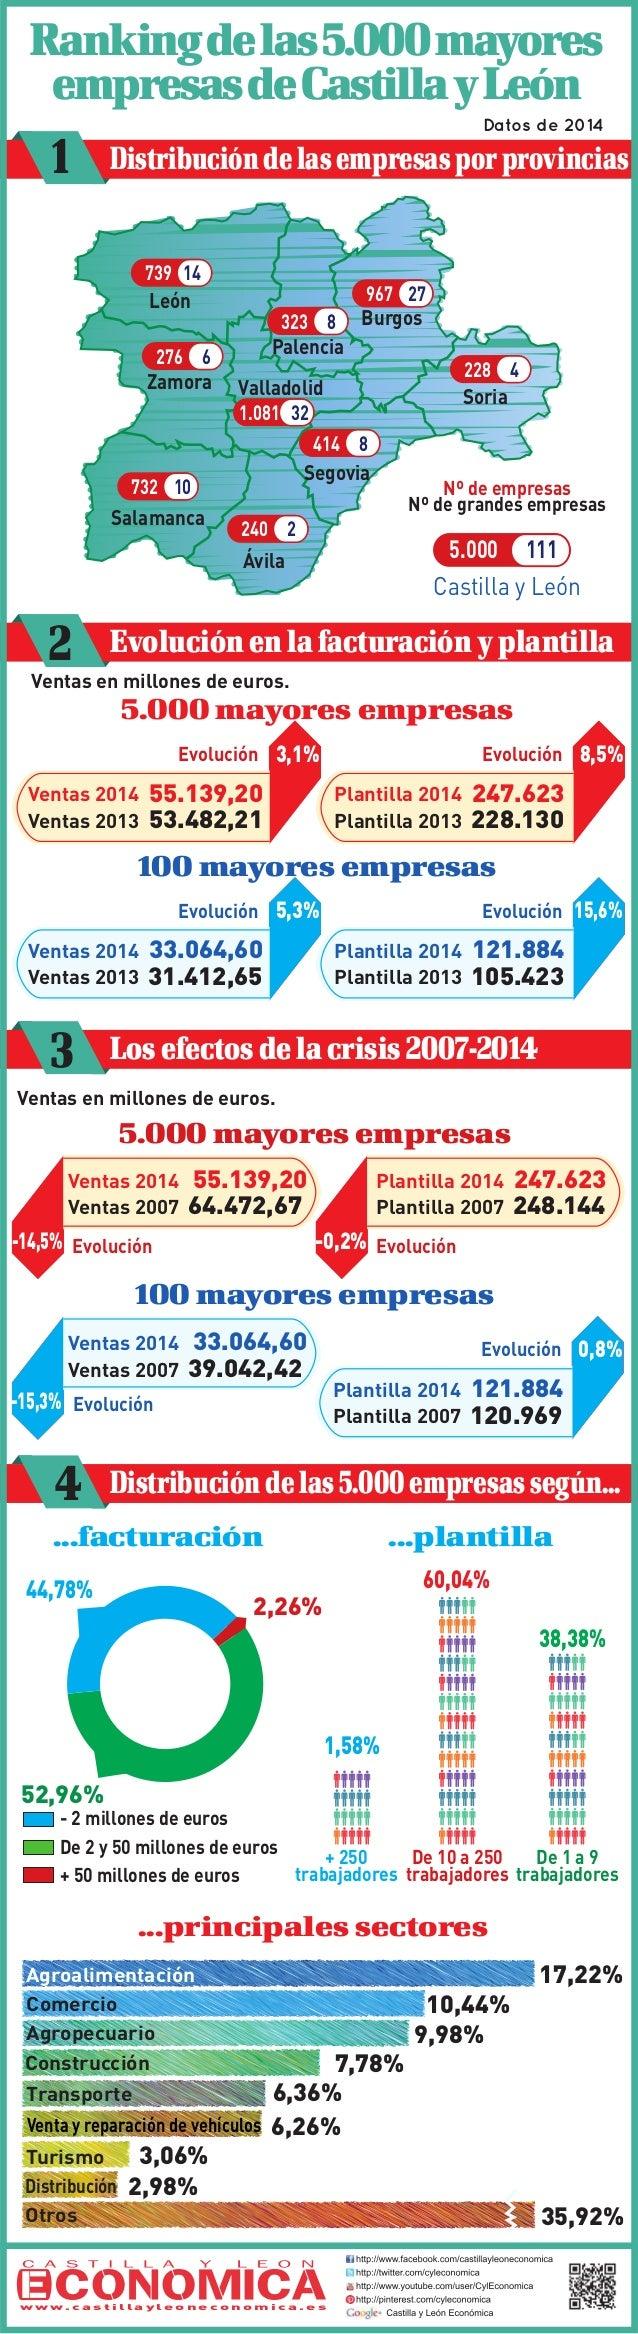 Rankingdelas5.000mayores empresasdeCastillayLeón De 10 a 250 trabajadores + 250 trabajadores ...facturación - 2 millones d...